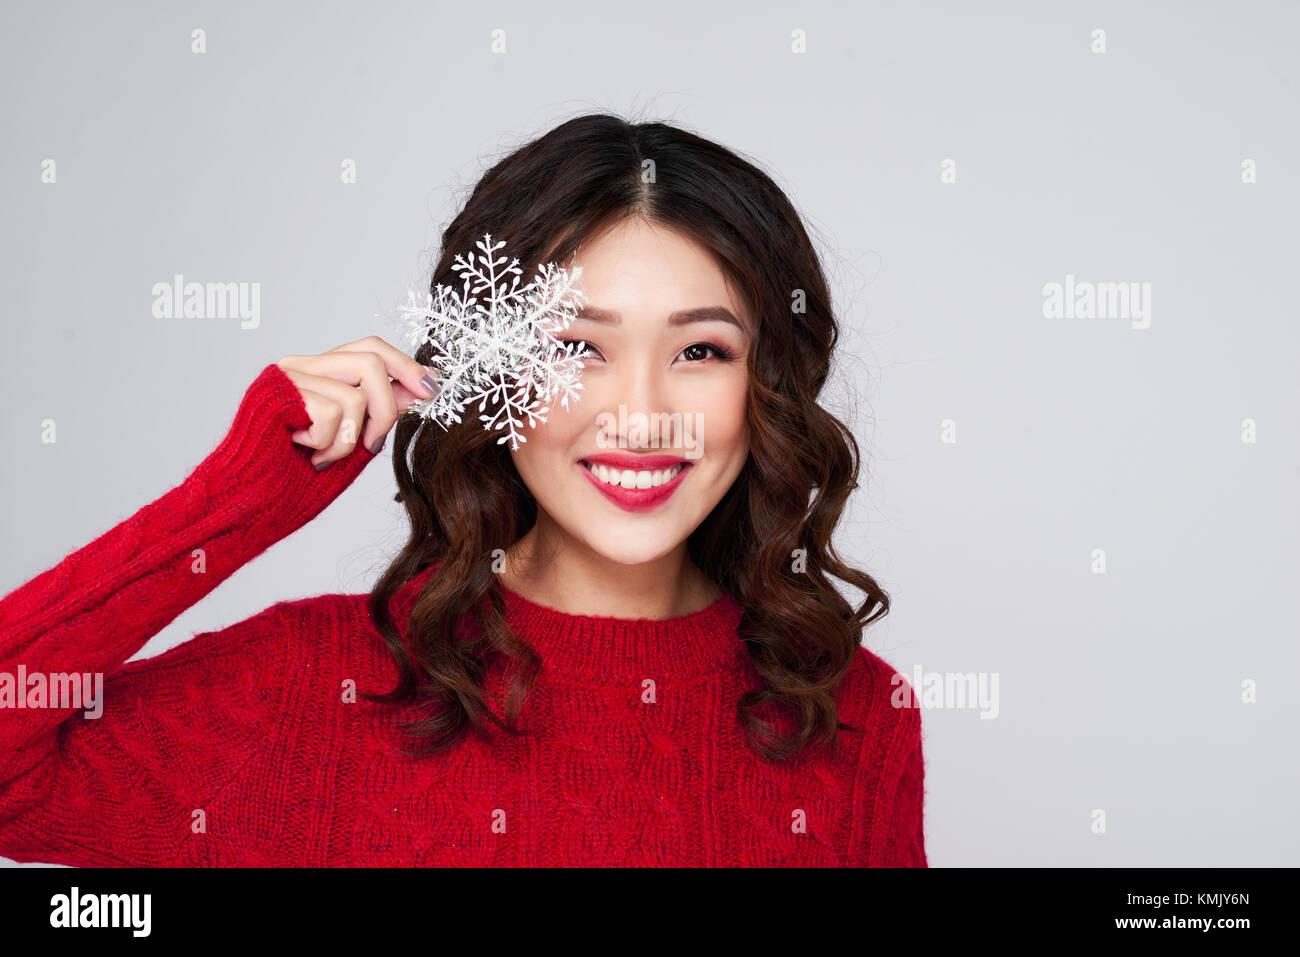 35330ef3e093 Ritratto di bellezza inverno ragazza asiatica in maglia rosso vestito di  lana Immagini Stock